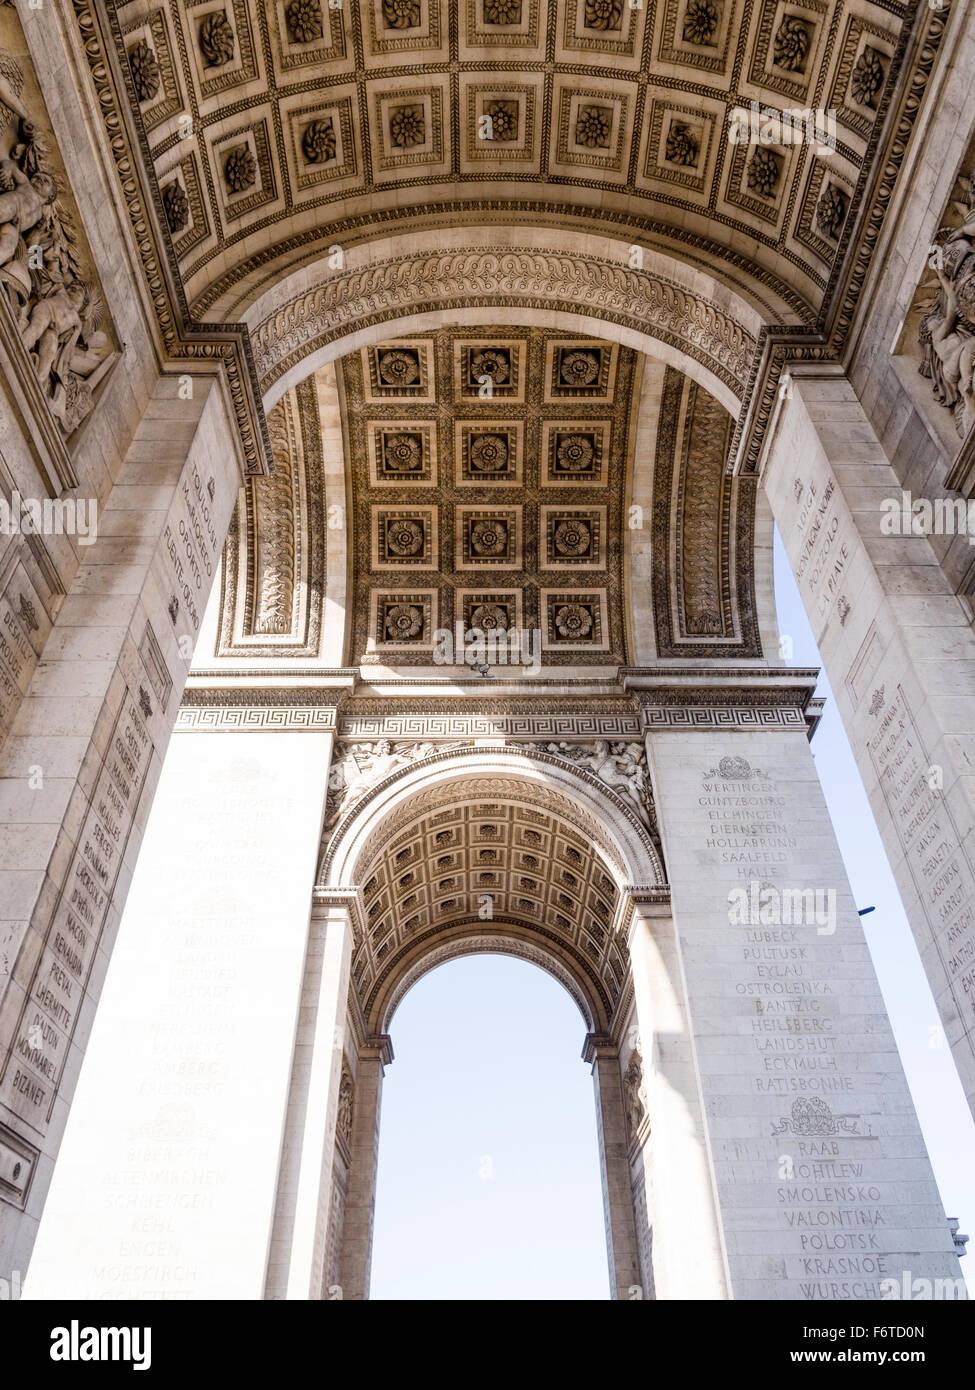 Sous l'arche. Le travail décoratif détaillée sous l'Arc de Triomphe à Paris. Photo Stock